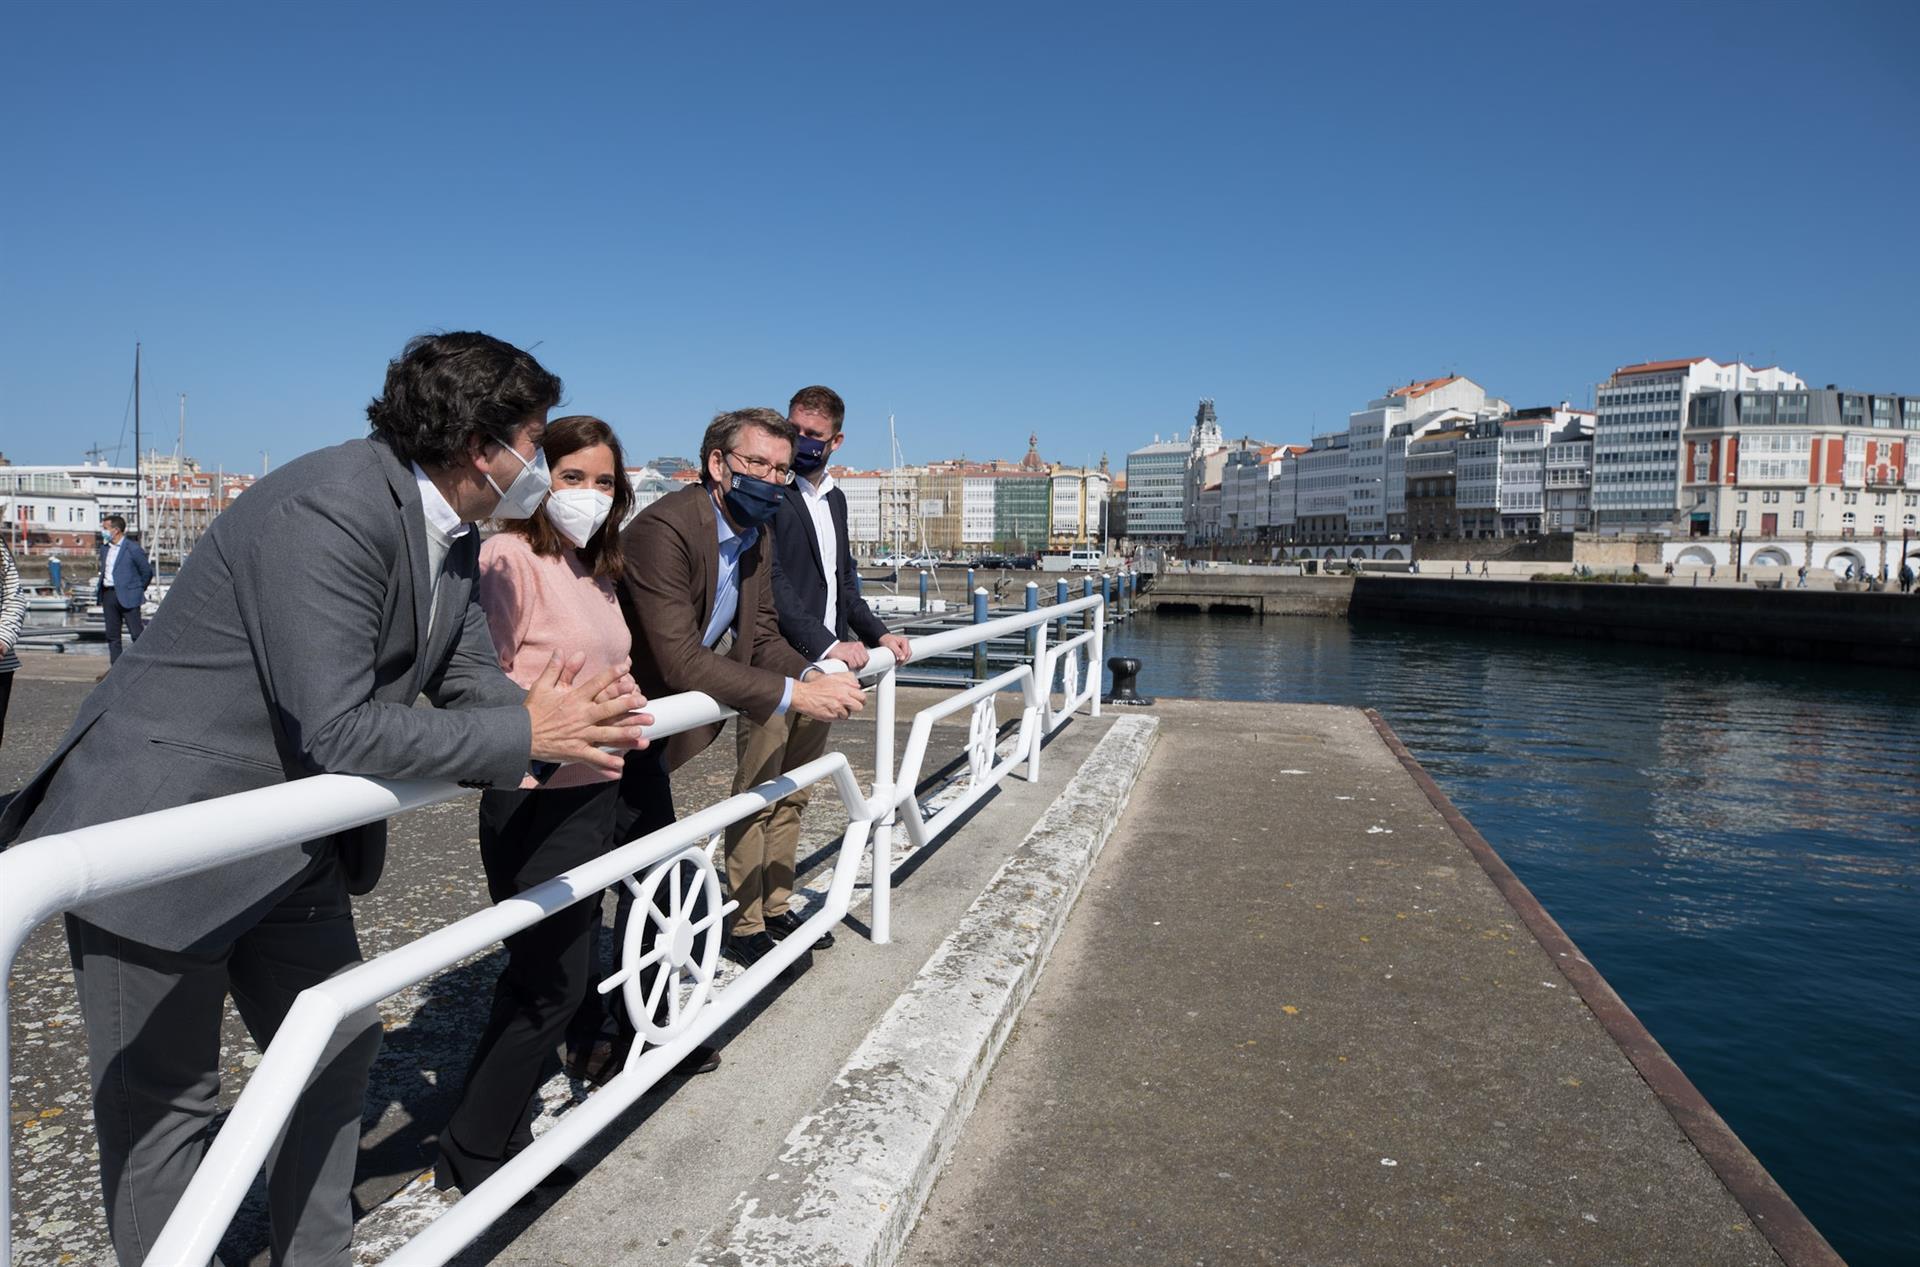 El presidente del Puerto de A Coruña, Martín Fernández Prado, la alcaldesa de A Coruña, Inés Rey, el presidente de la Xunta, Alberto Núñez Feijóo, y el delegado de la Xunta en A Coruña, Gonzalo Trenor, en la apertura del muelle de trasatlánticos. - XUNTA